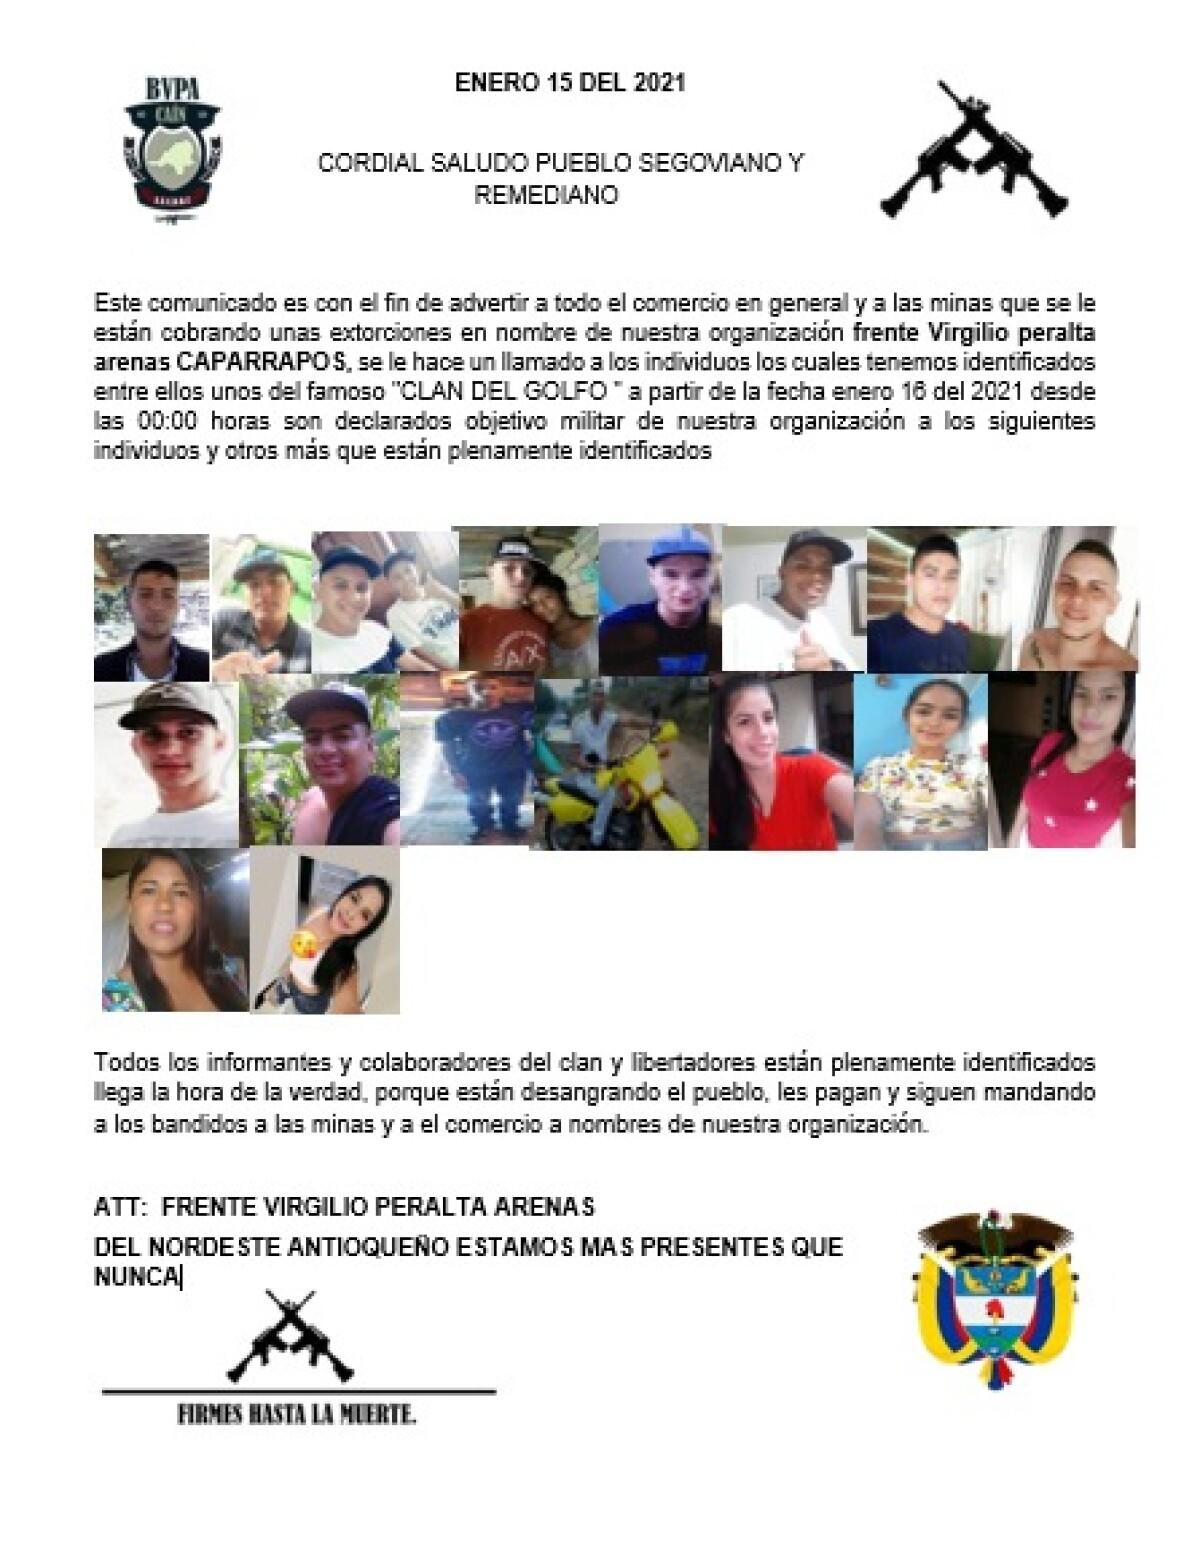 Panfleto de amenaza a jóvenes en Segovia y Remedios Antioquia